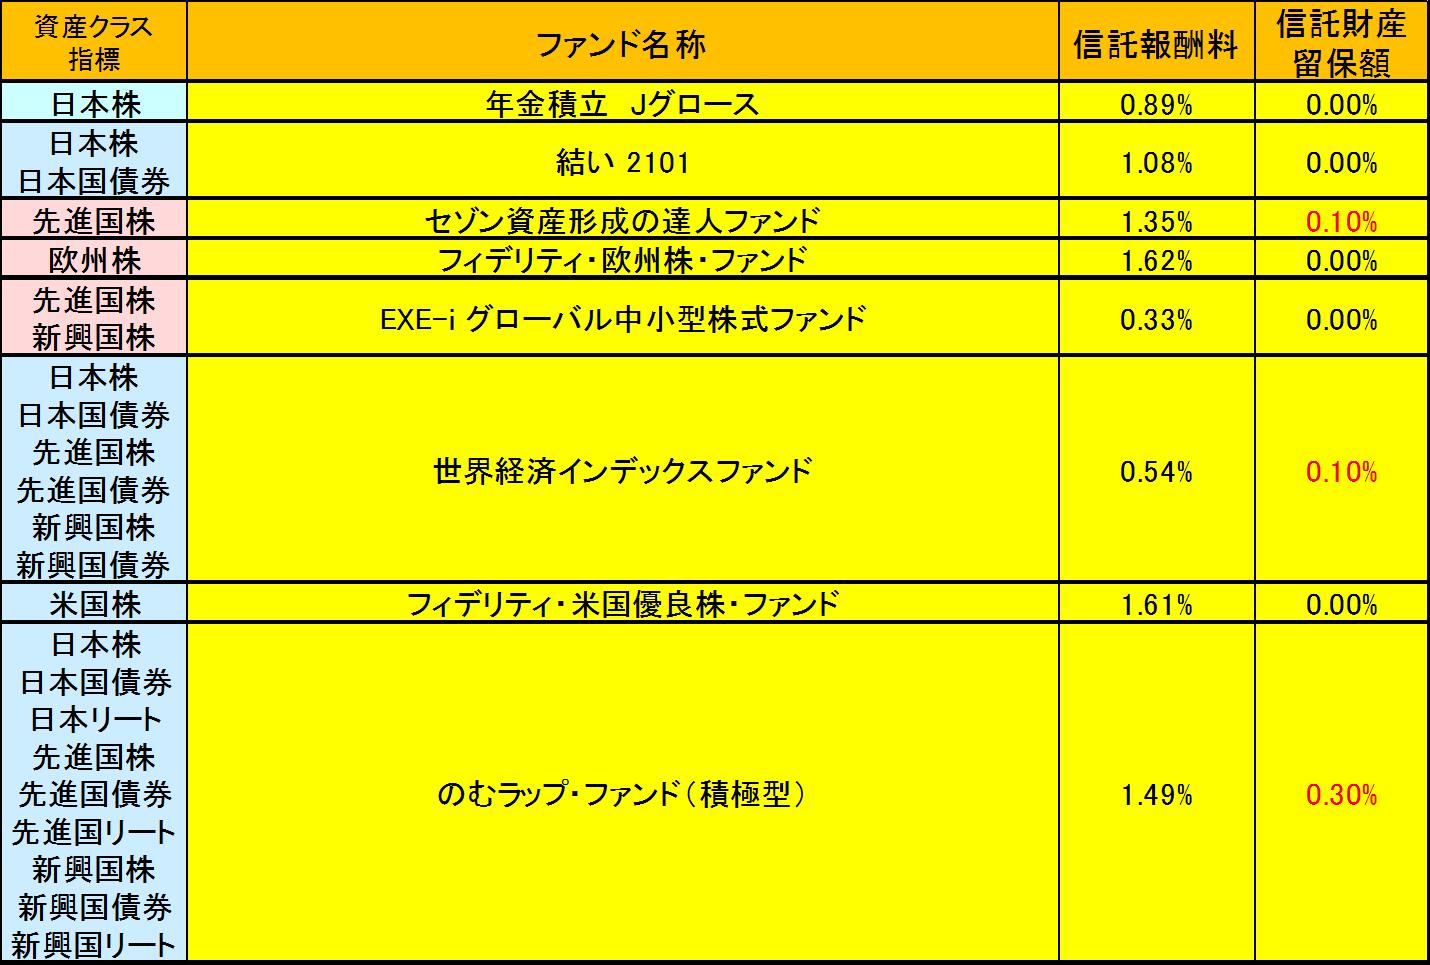 tsumitatenisa_saiyasune5_tesuuryou